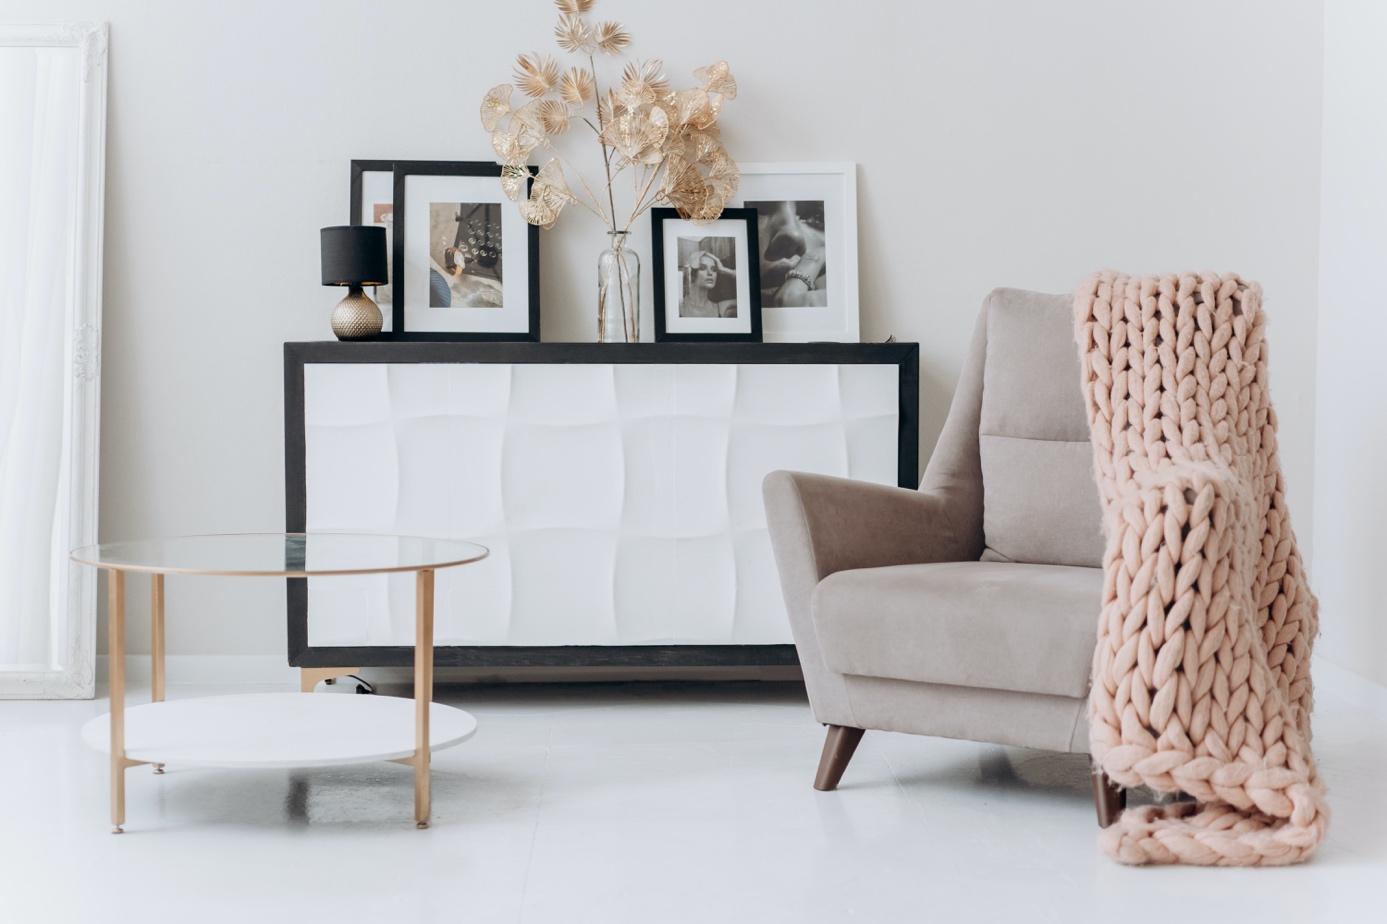 Comment bien choisir son mobilier de salon ?